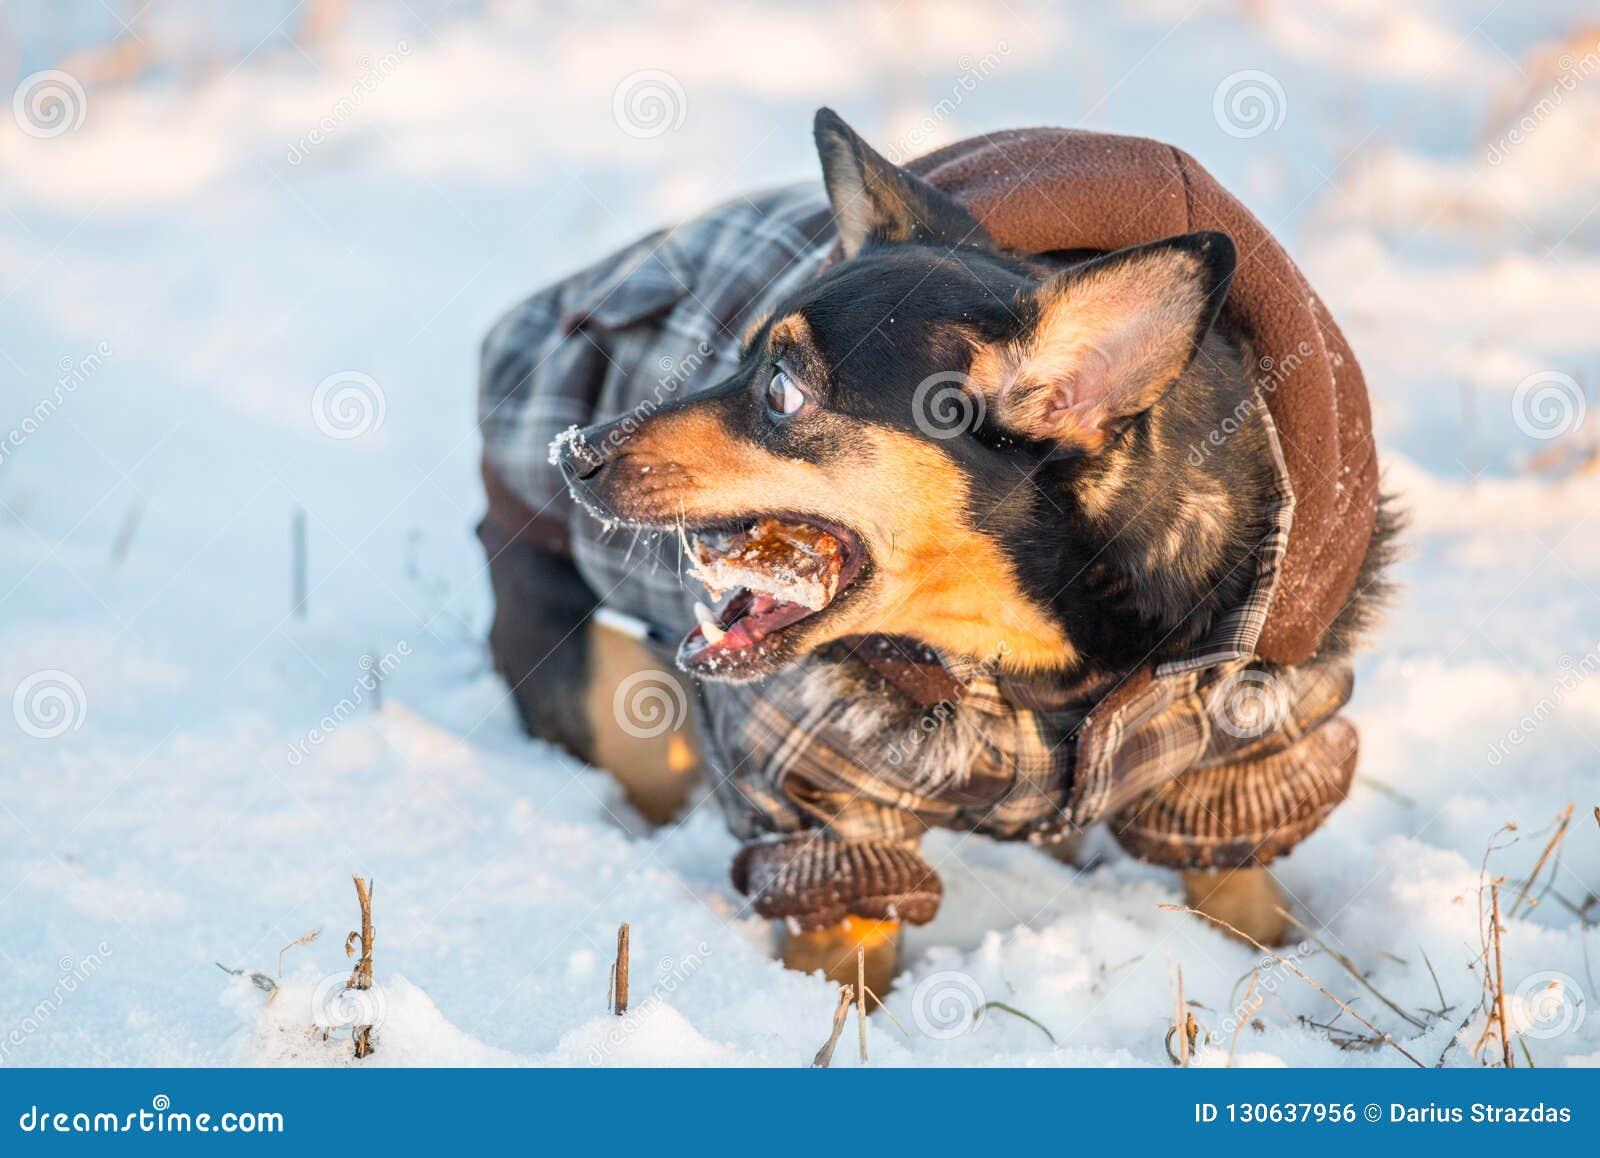 Chien mignon en hiver avec des vêtements mangeant un os